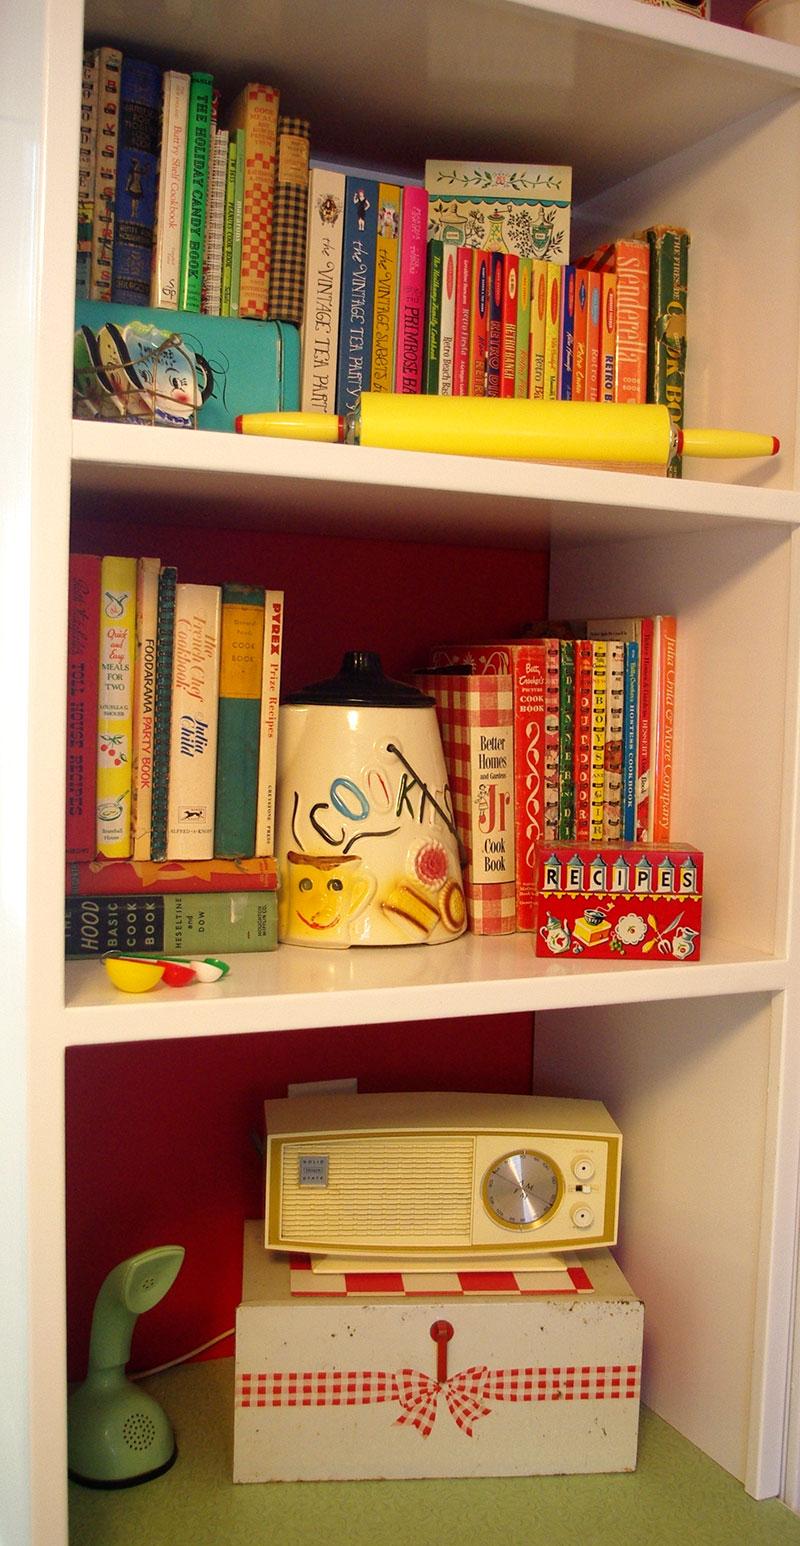 My new cookbook shelf!